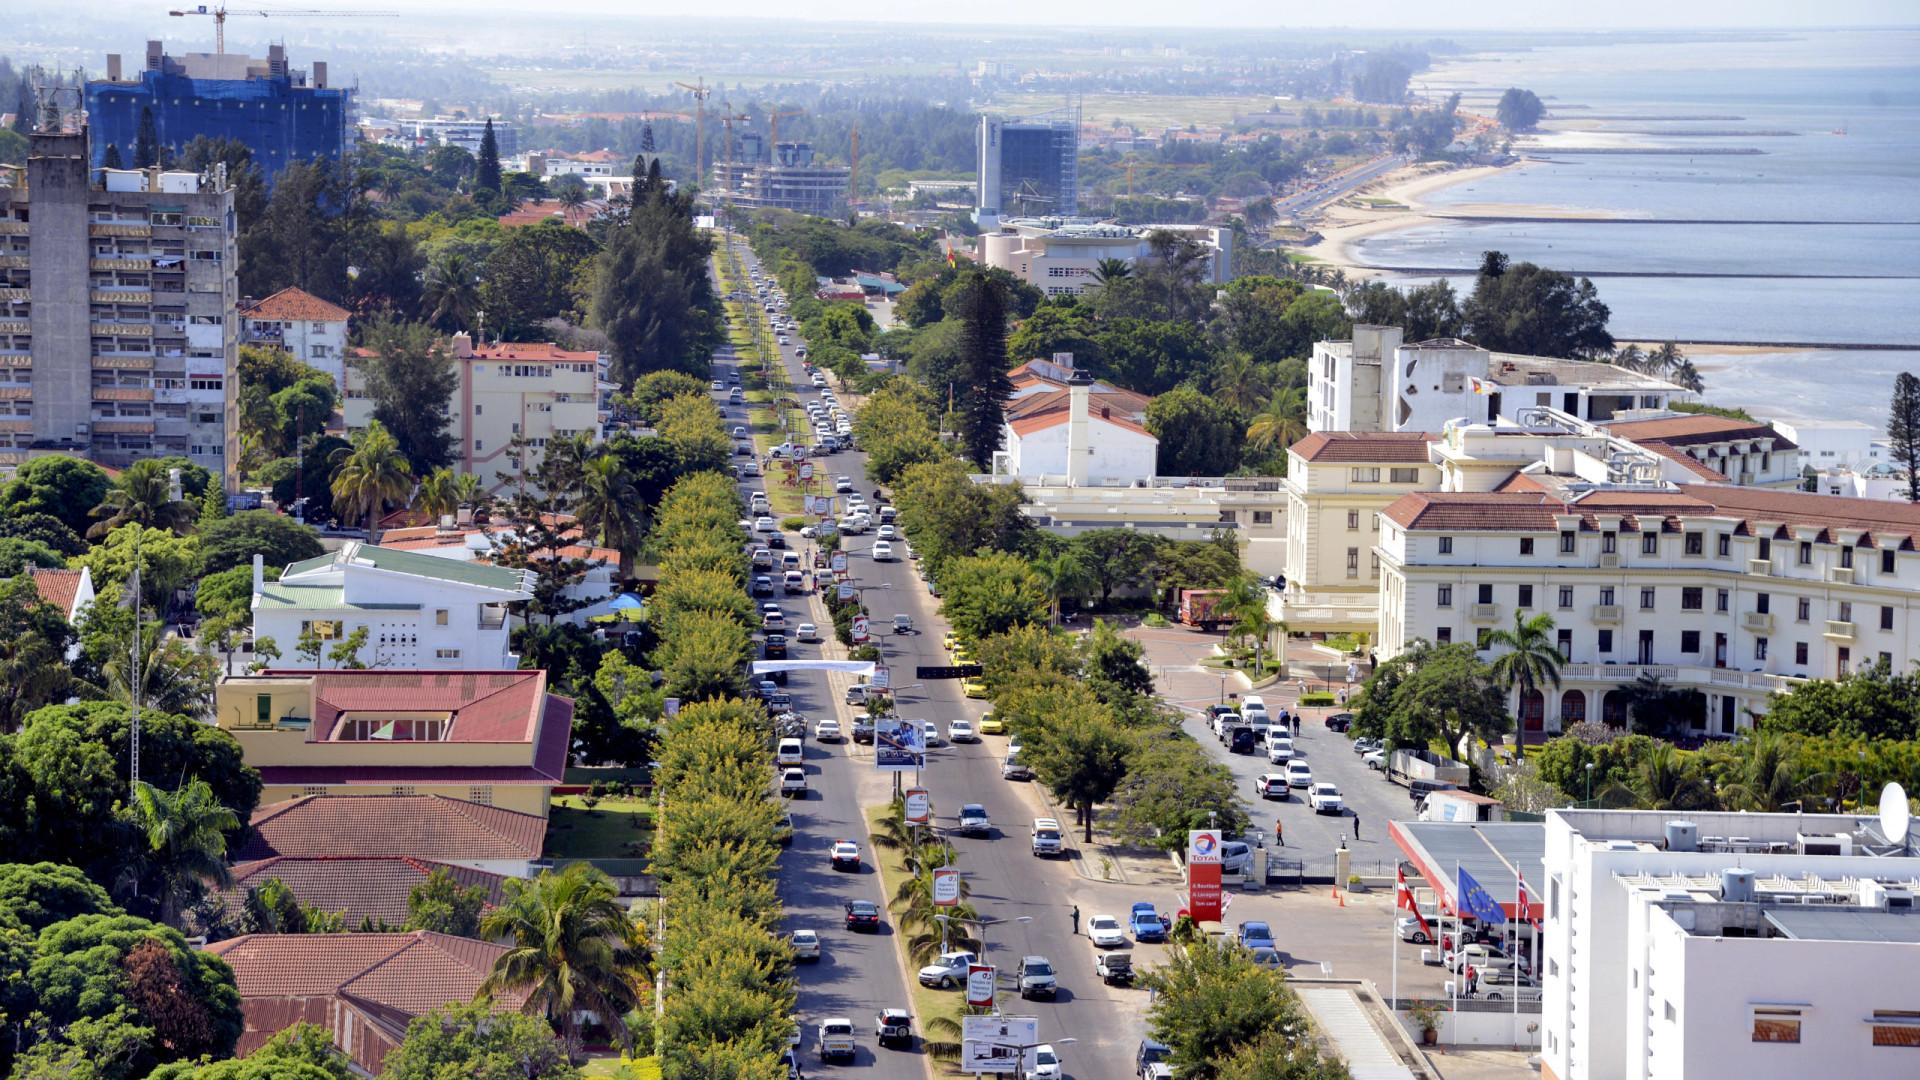 Candidatos a instrutores de condução em Moçambique chumbam todos no exame